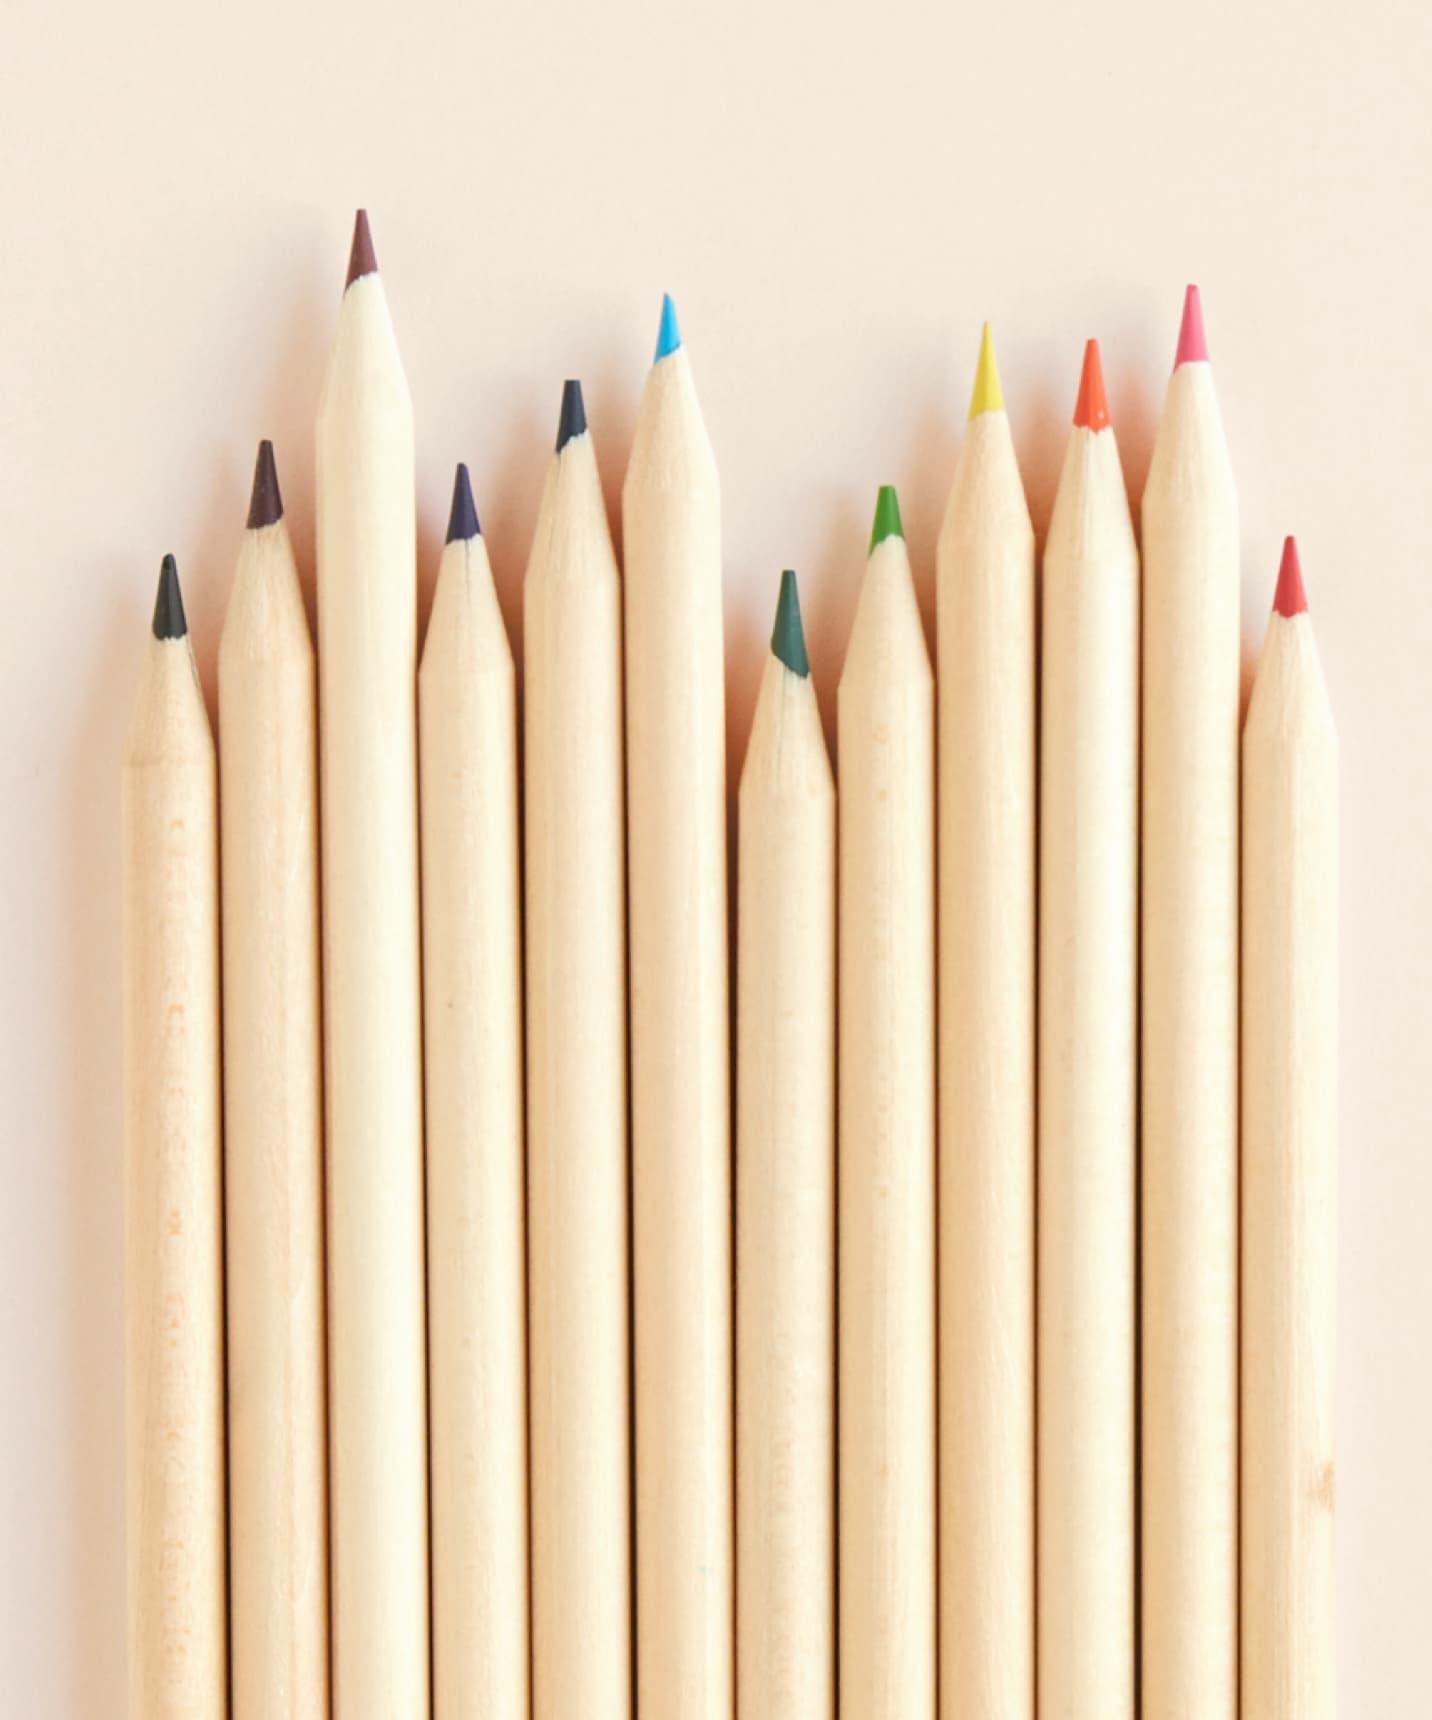 Natural wood pencils